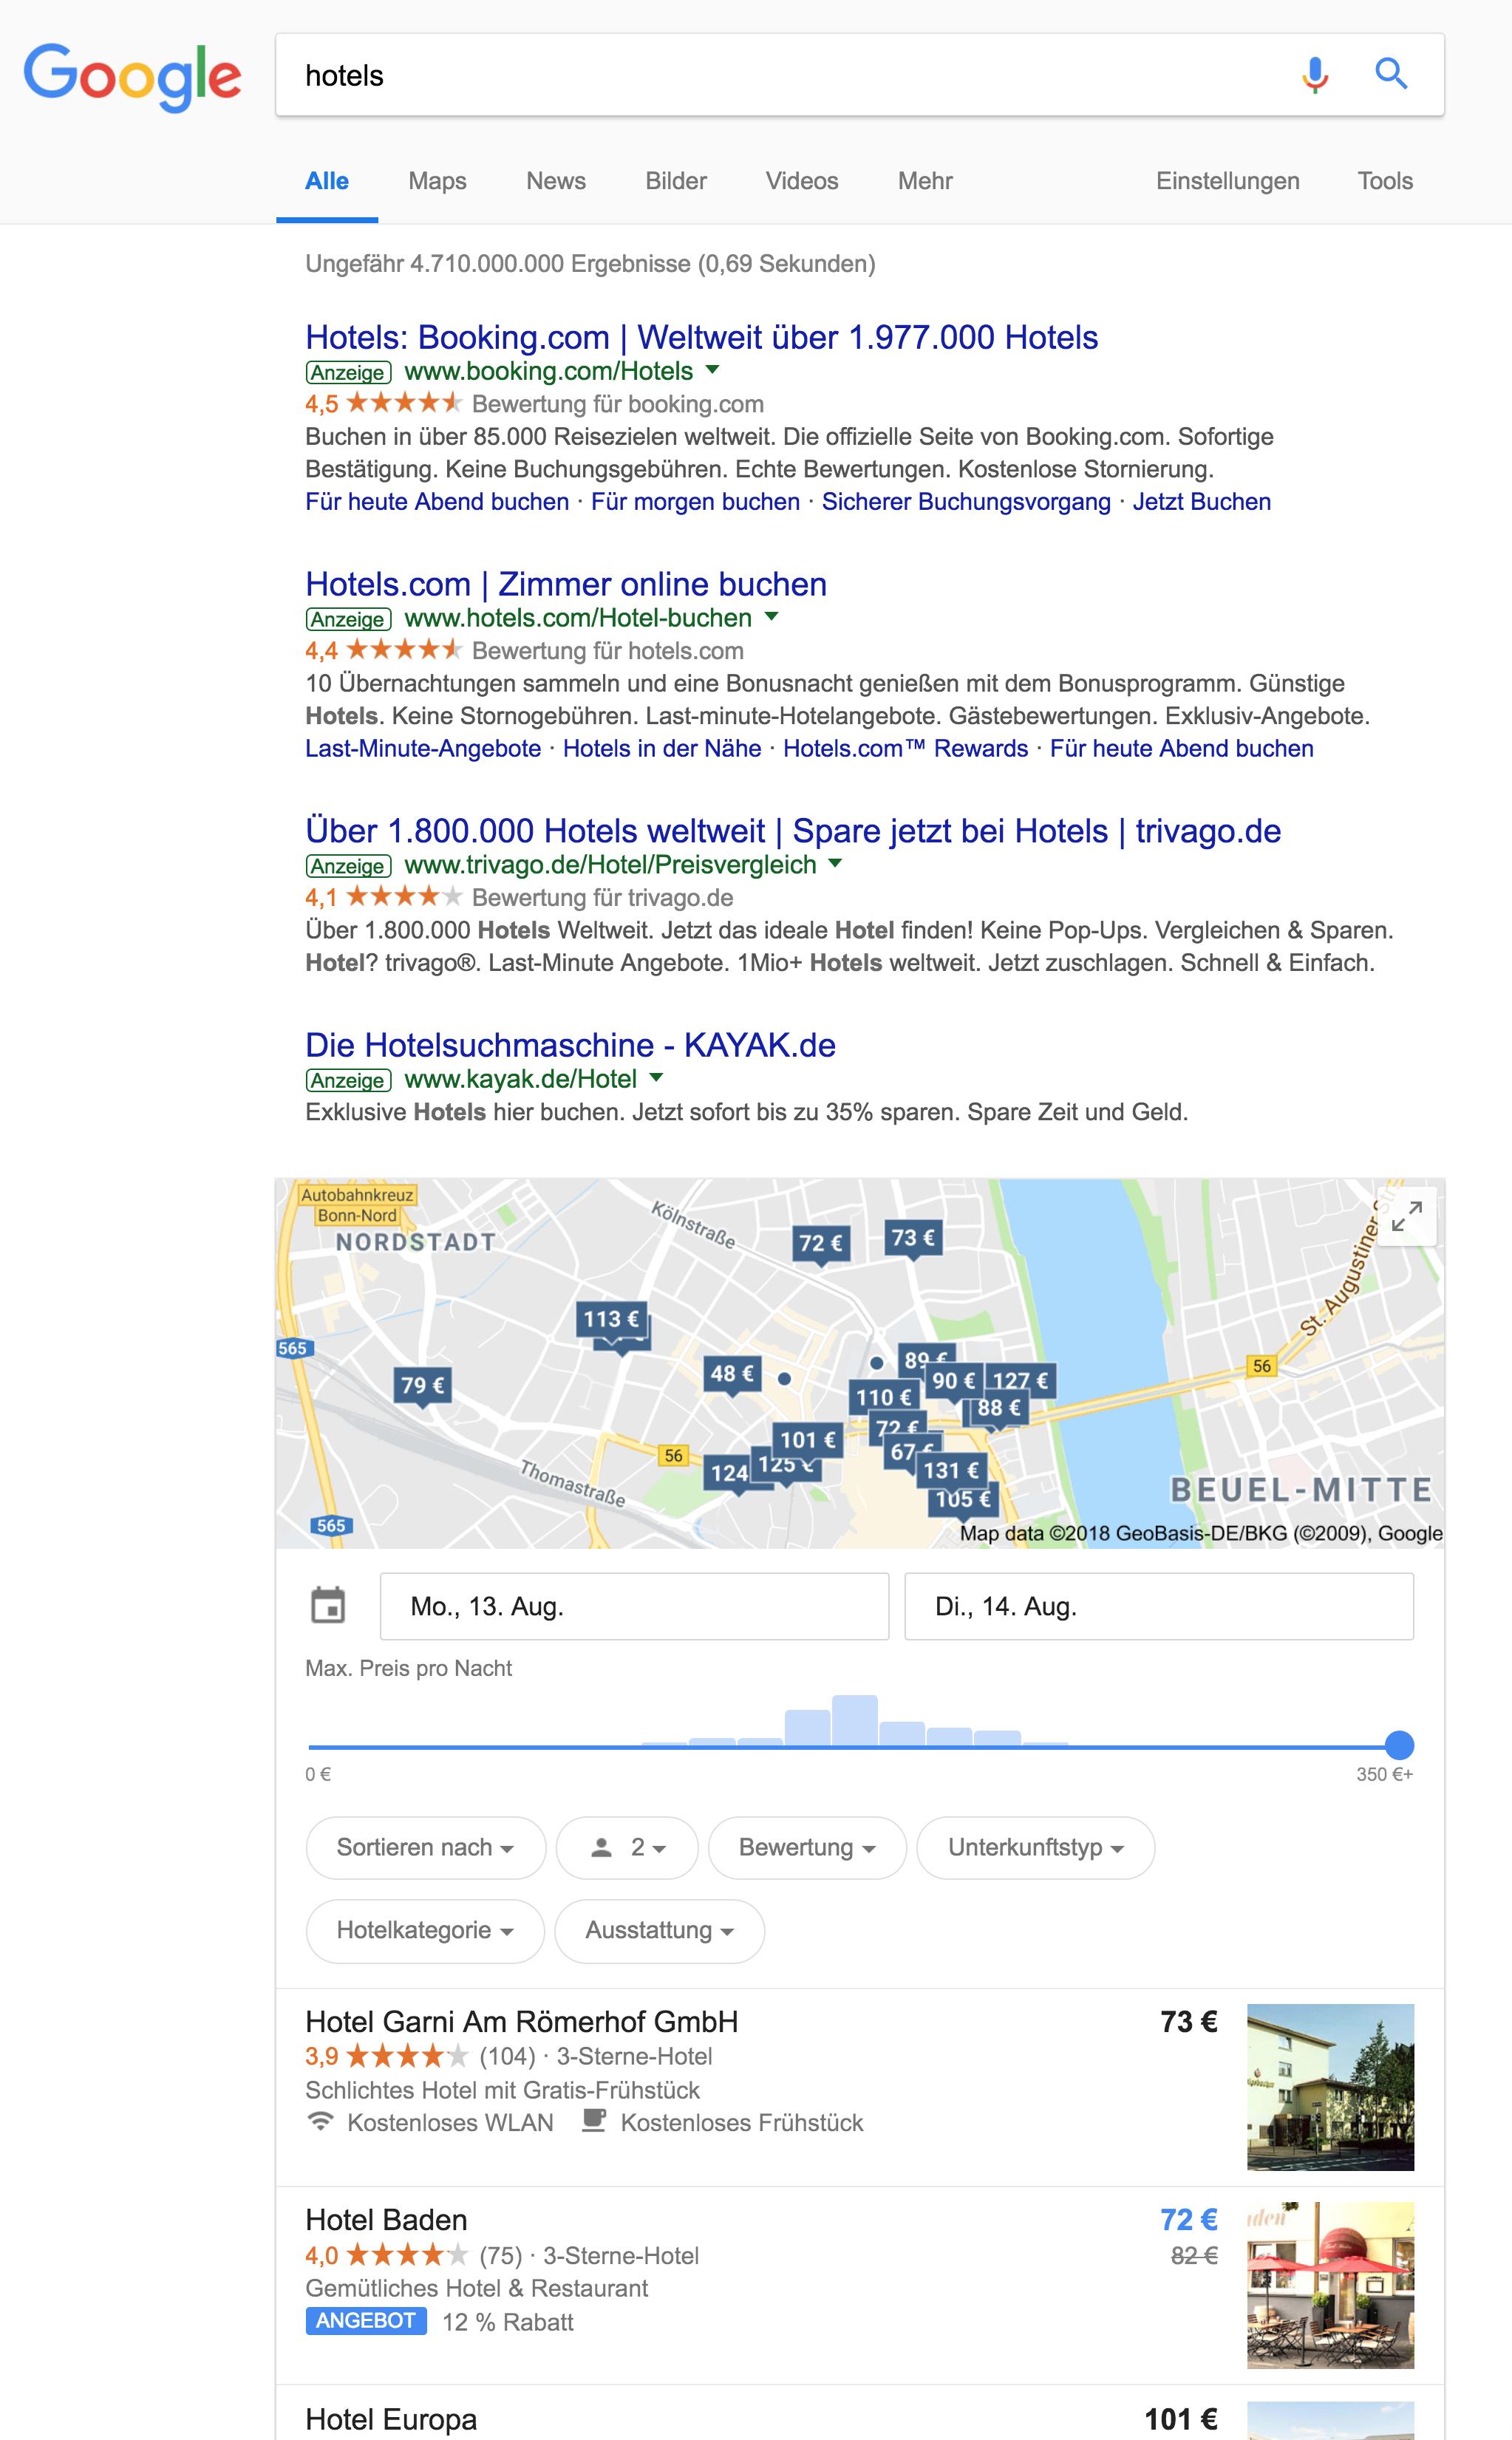 Zeigt die Google Hotelsuche innerhalb der Google Suchergebnisse an.